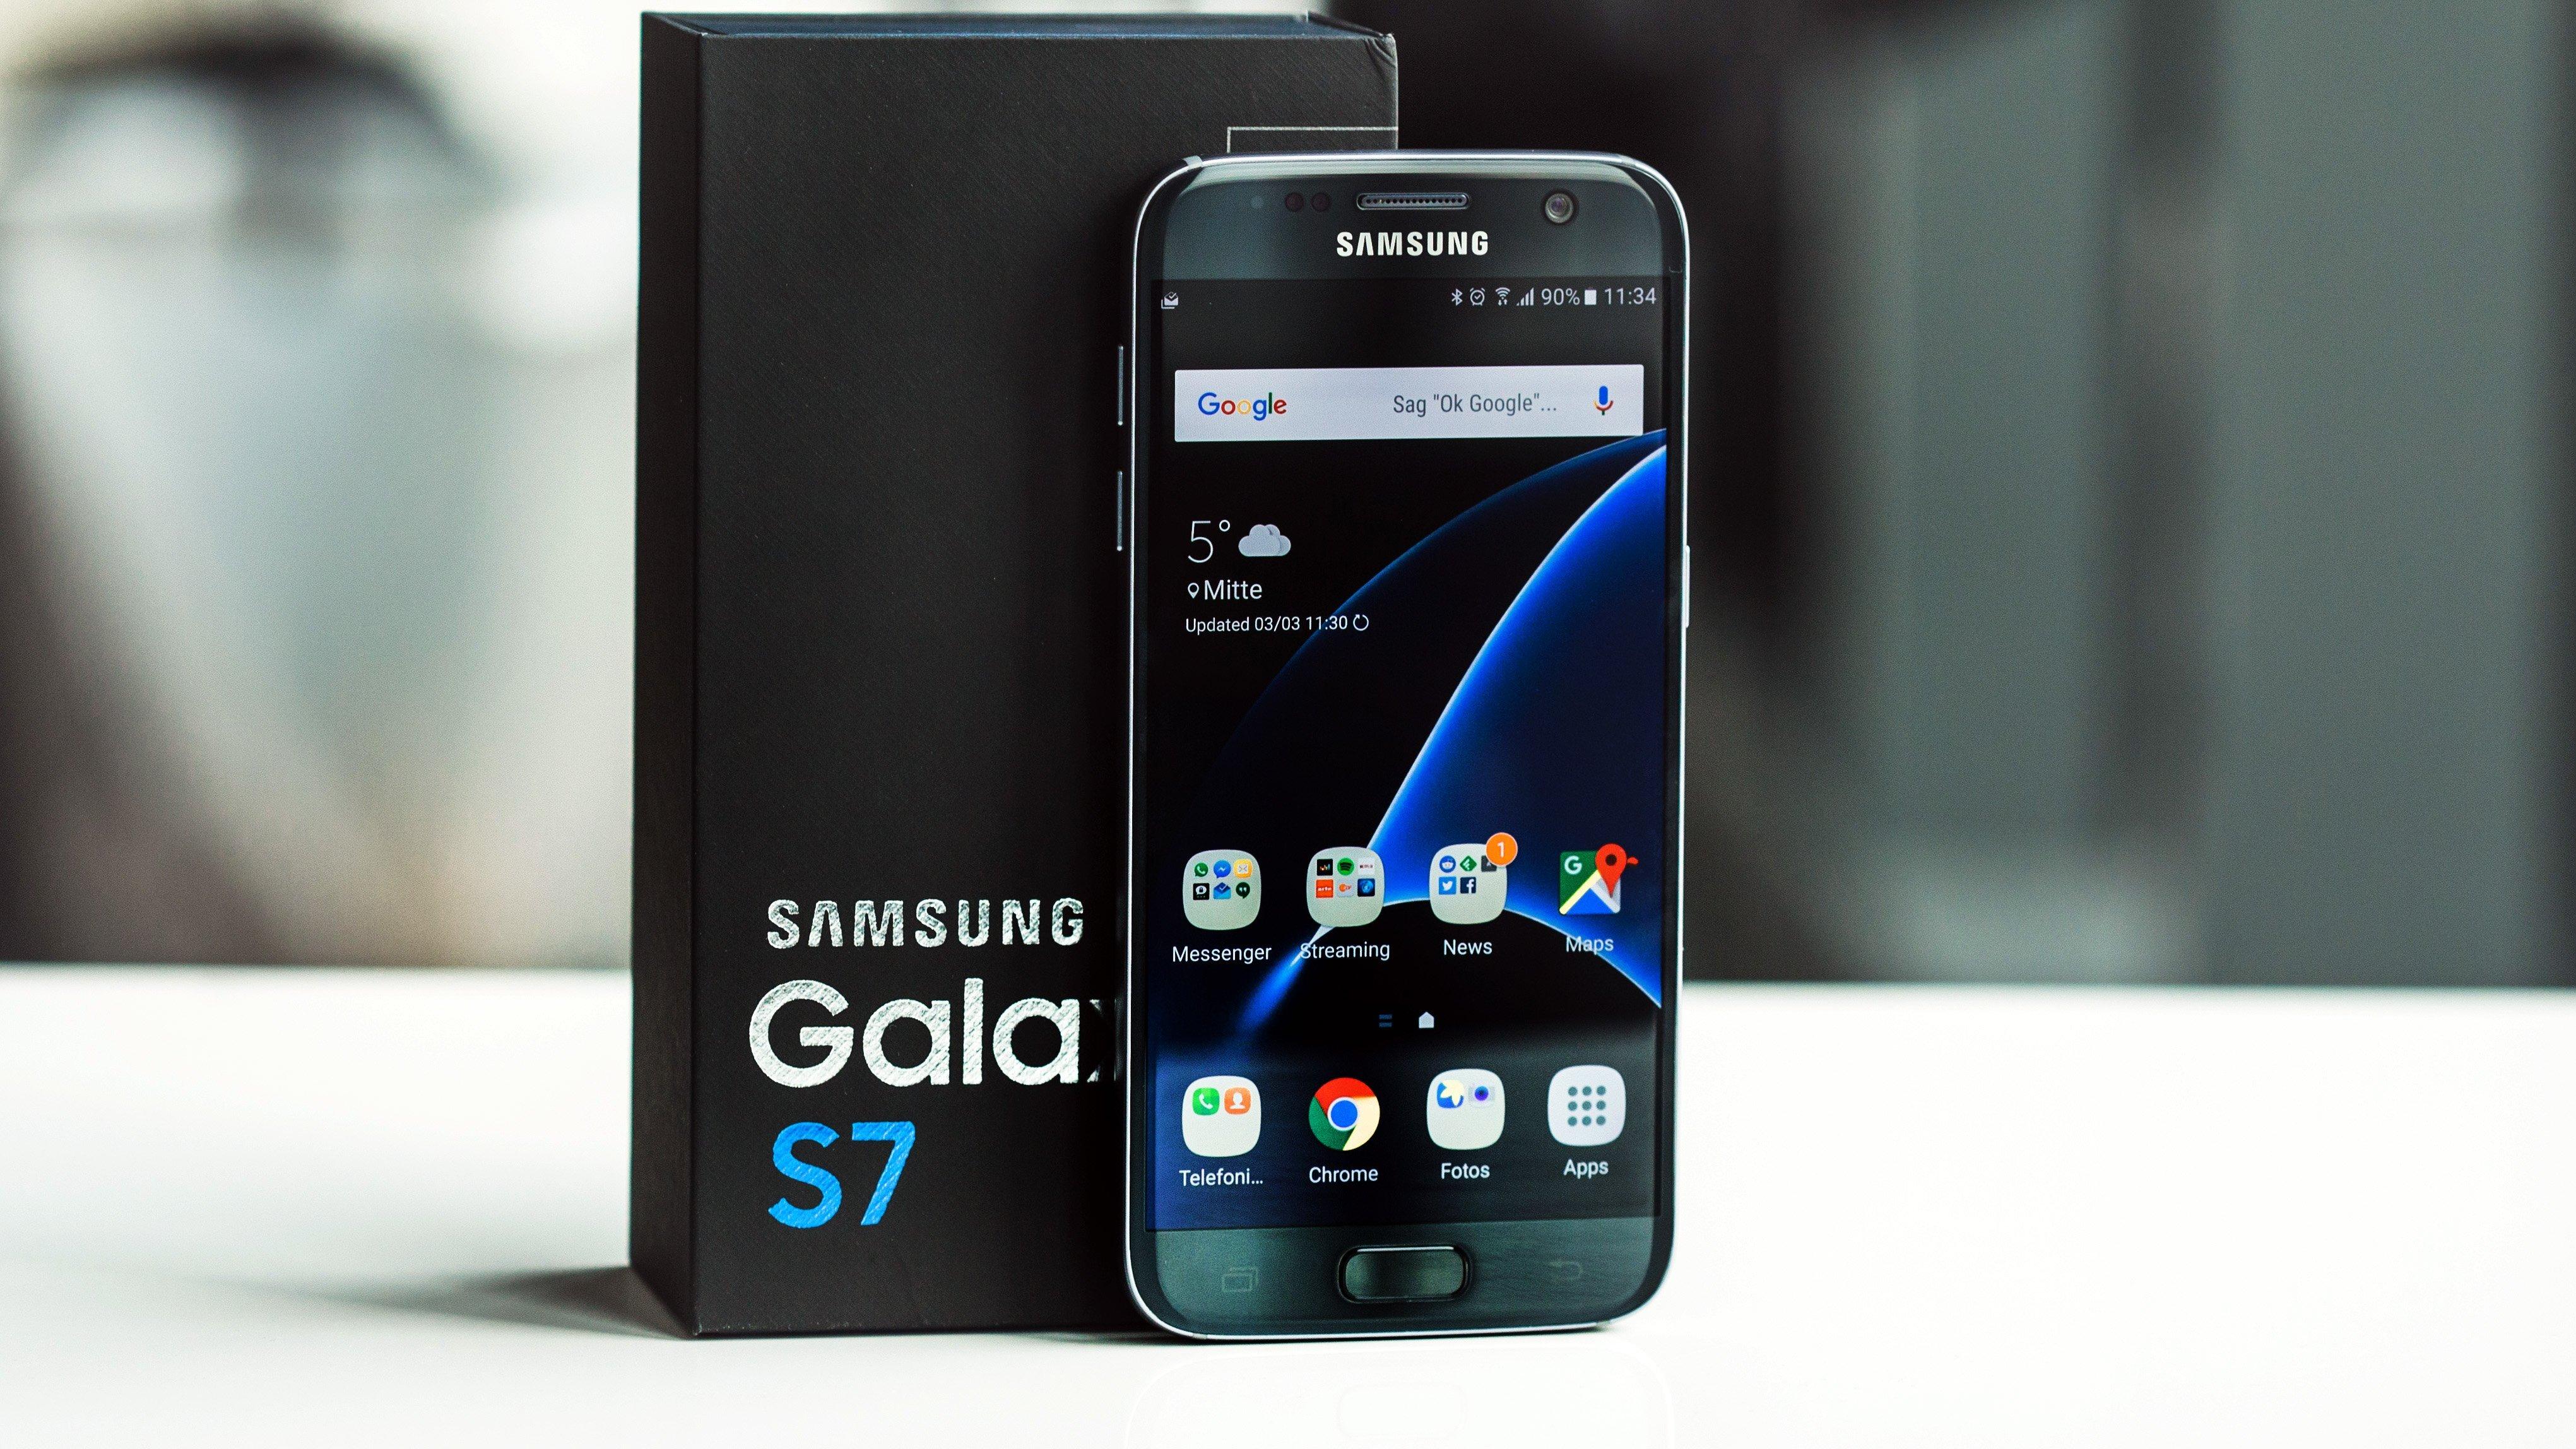 Bảng giá smartphone Samsung chính hãng mới nhất tháng 12/2016